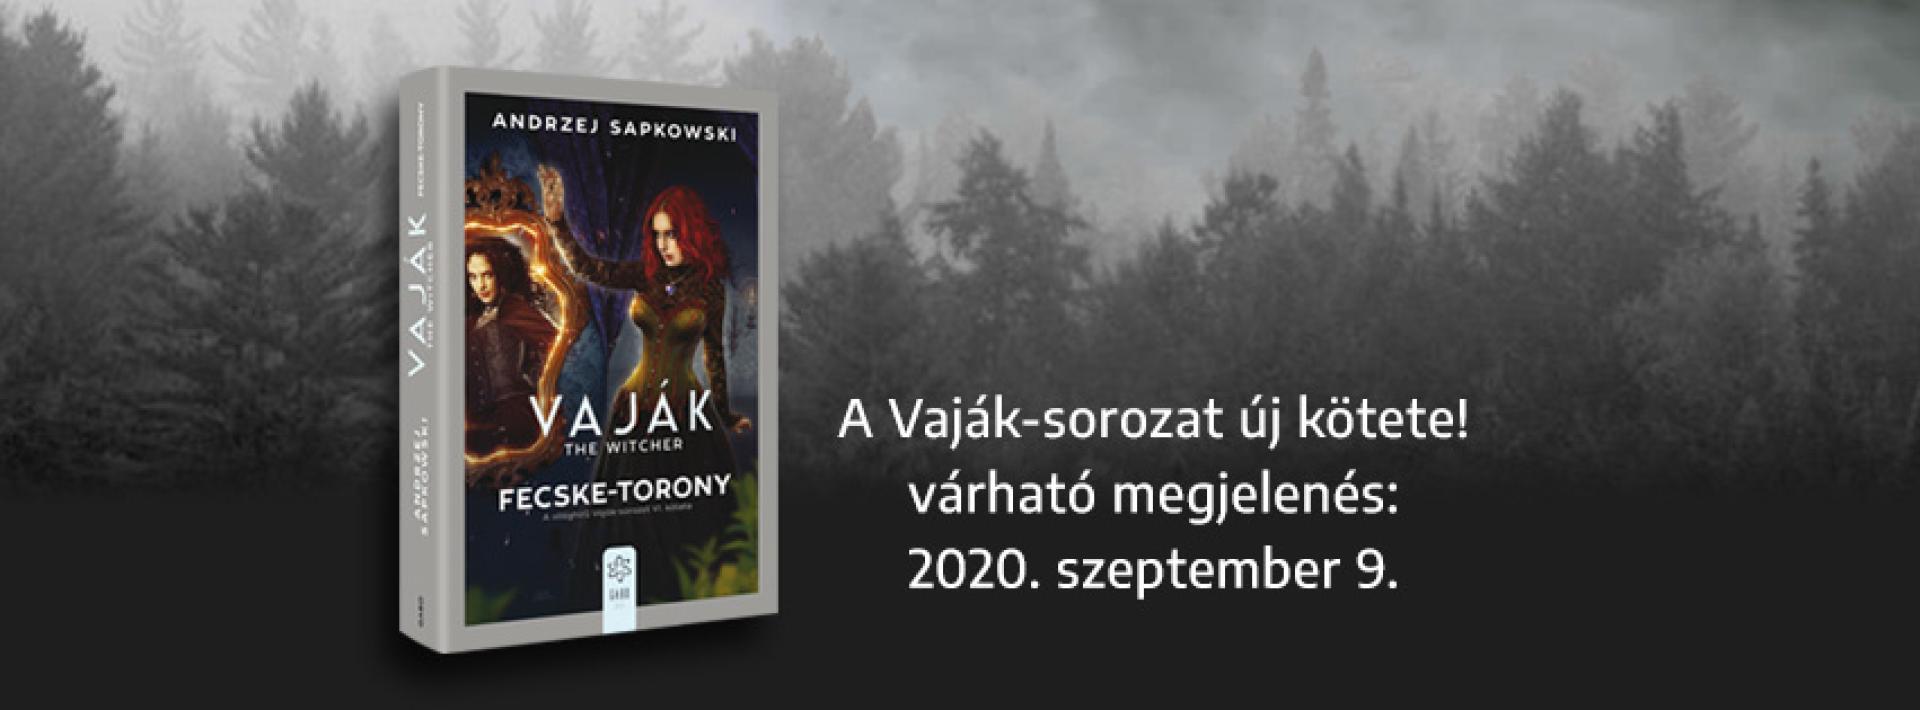 Andrzej Sapkowski: Fecske–torony